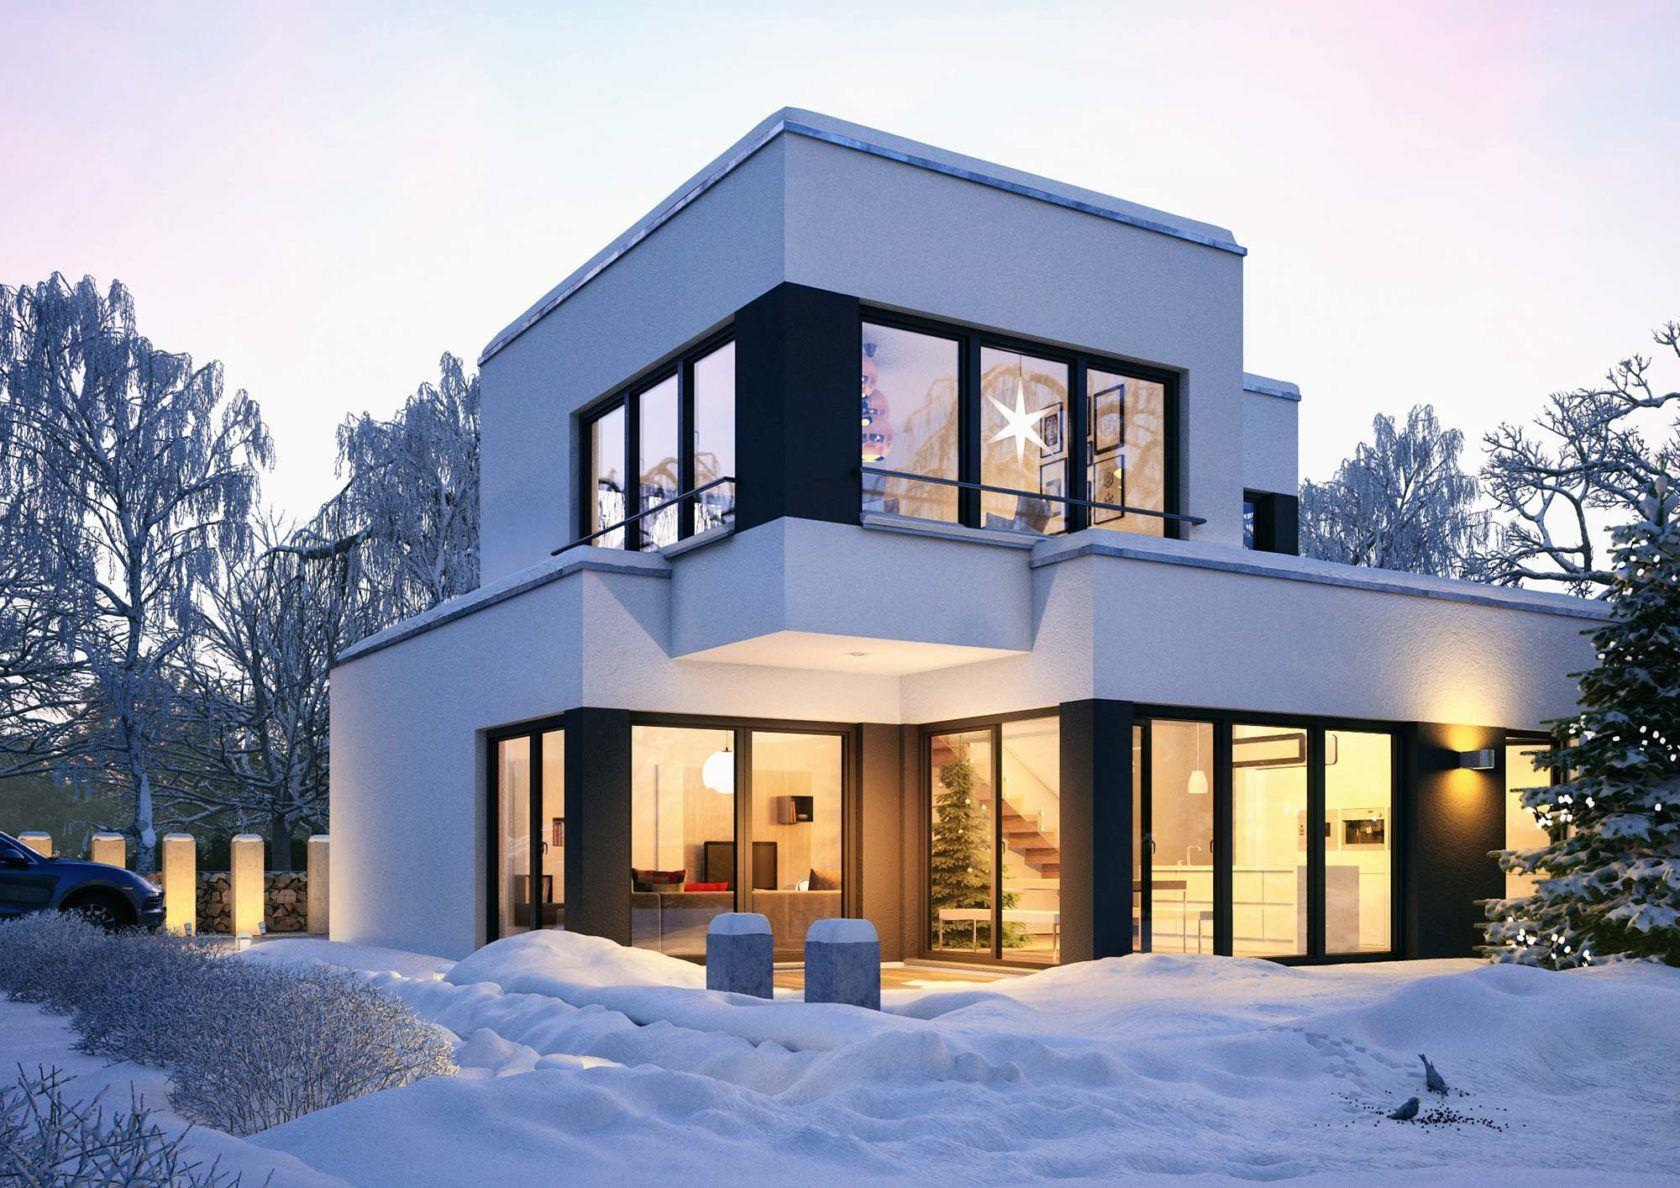 Winter-Visuals für die saisonale Vermarktung